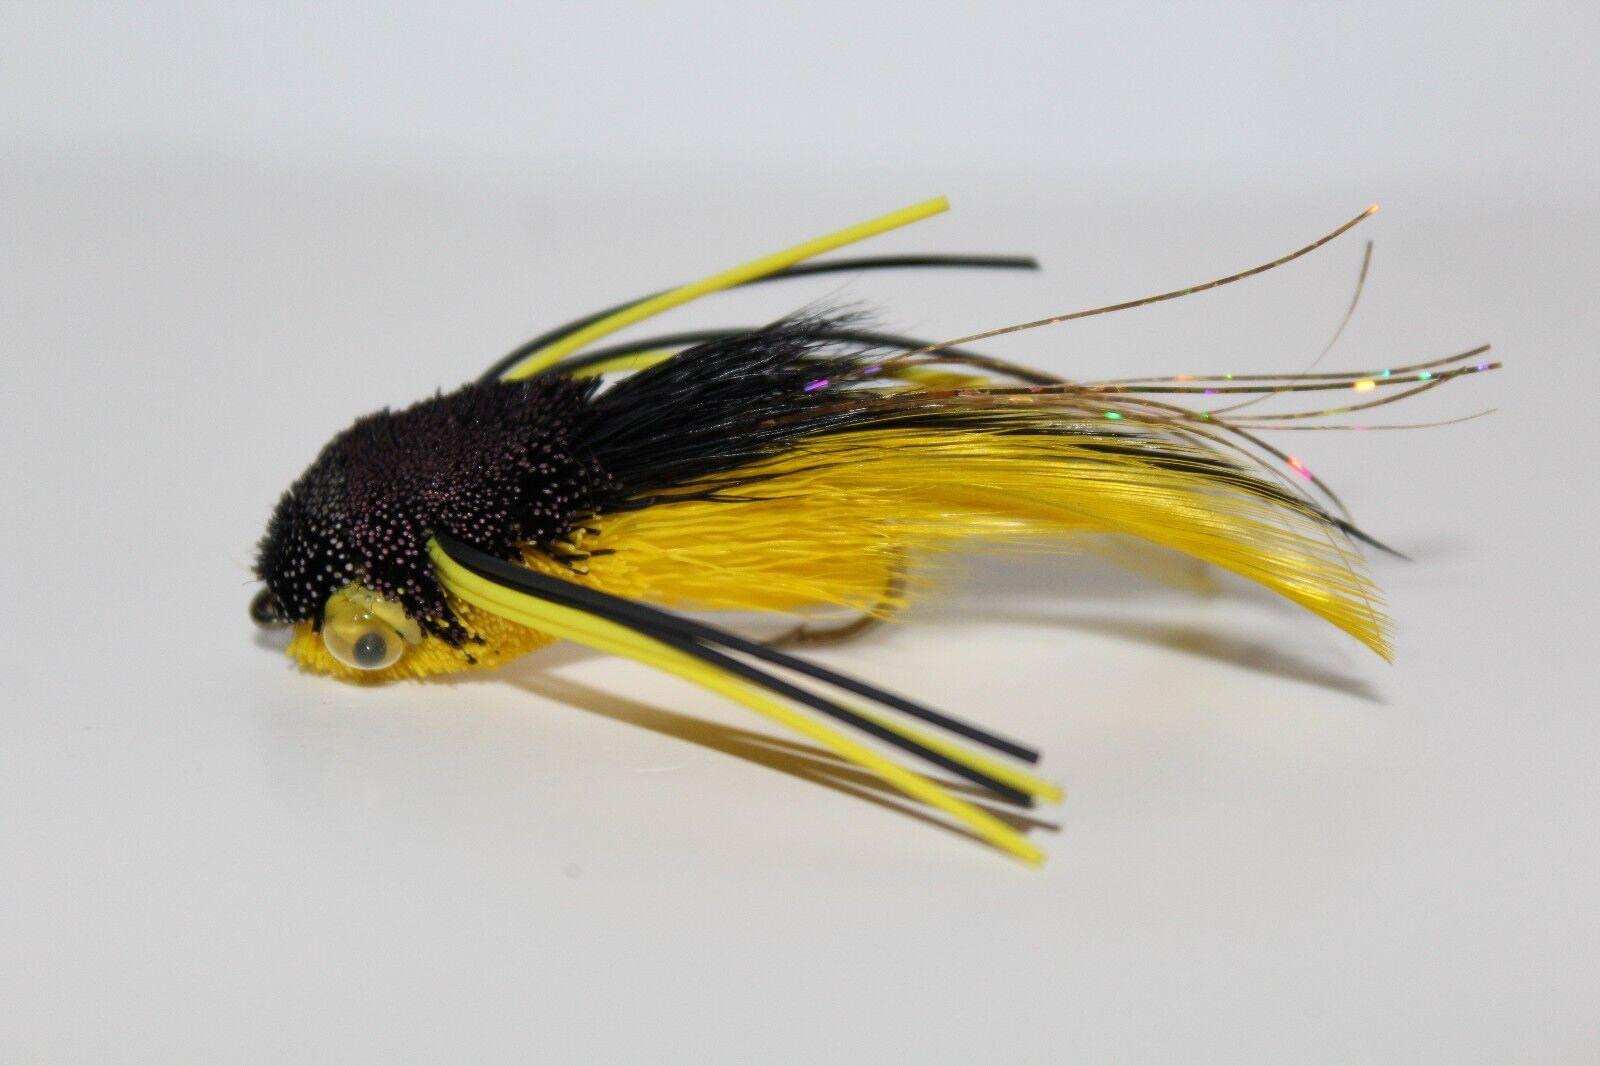 5 Dozen, Brookside  Flies Boomer's Bass Bug, Size 2  up to 50% off